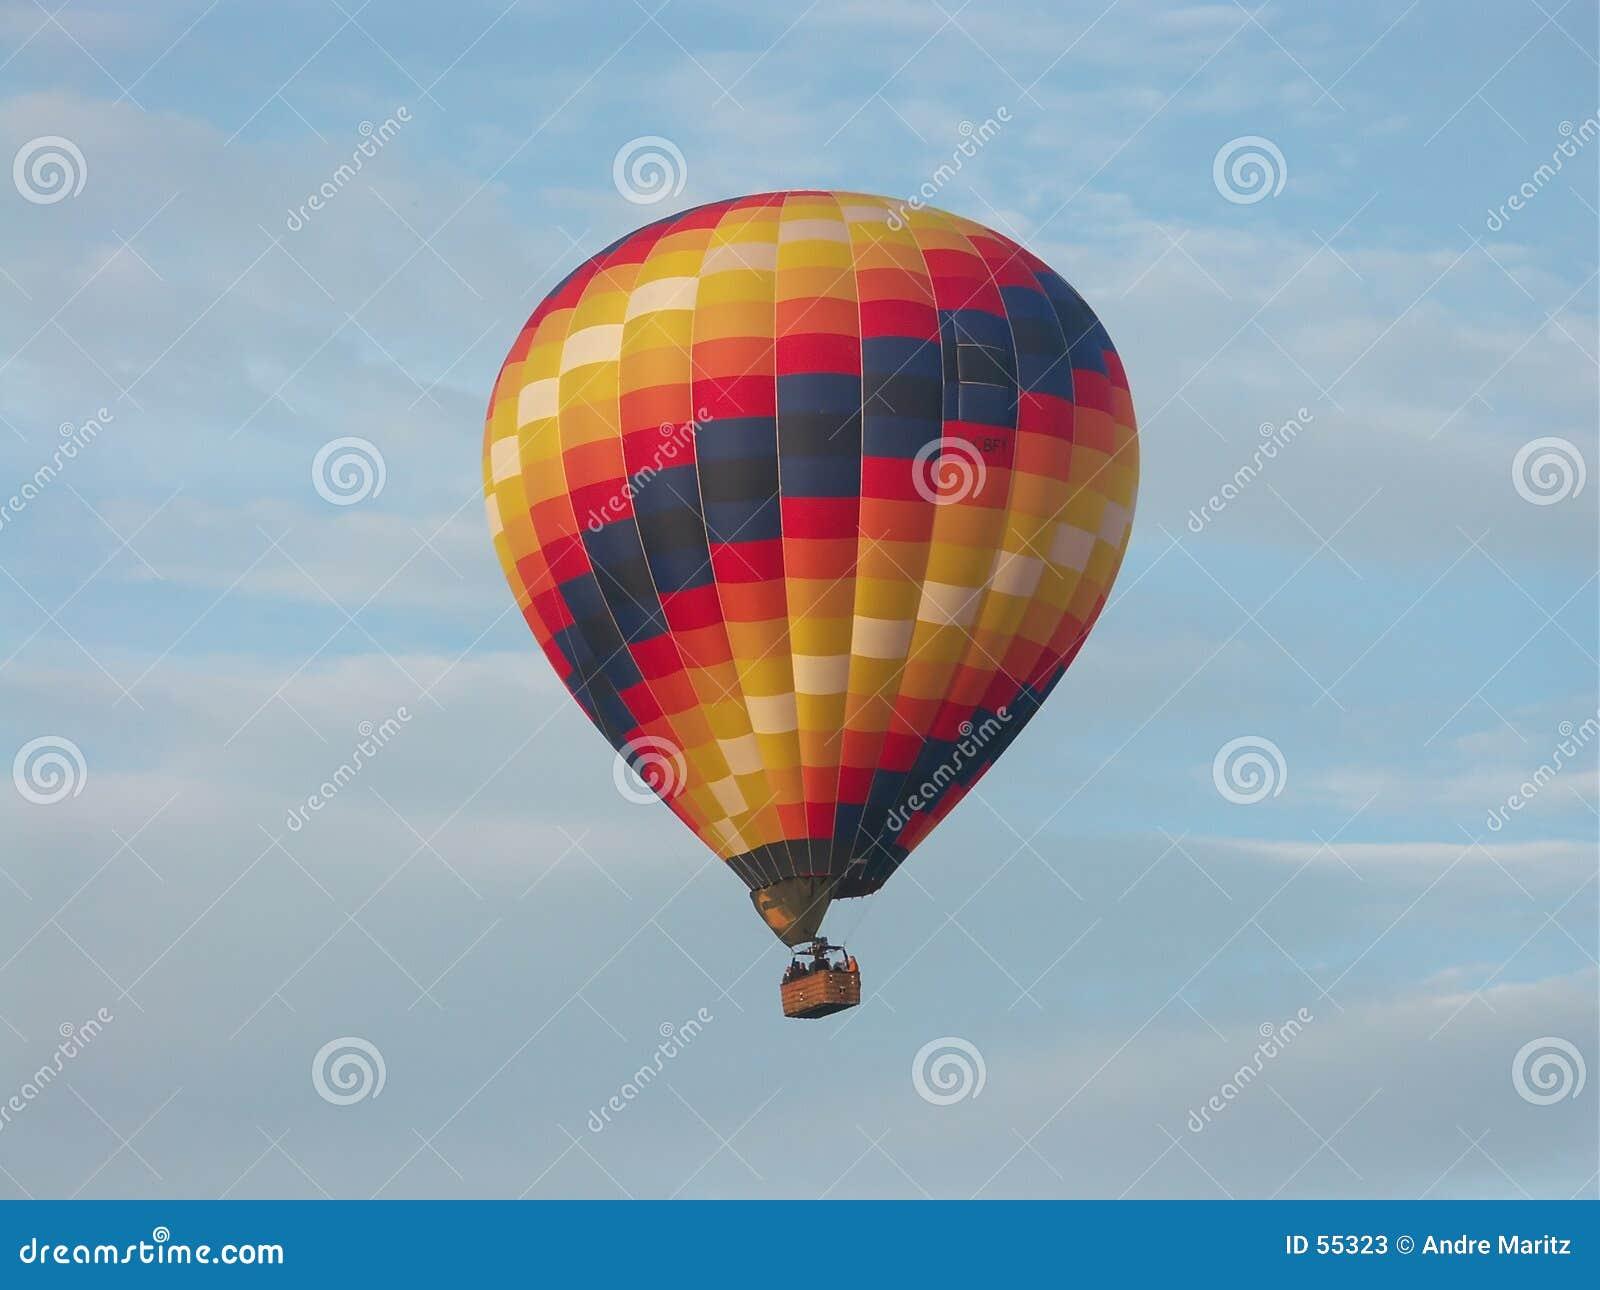 Download Ballon à air chaud image stock. Image du voile, nuages, mouche - 55323